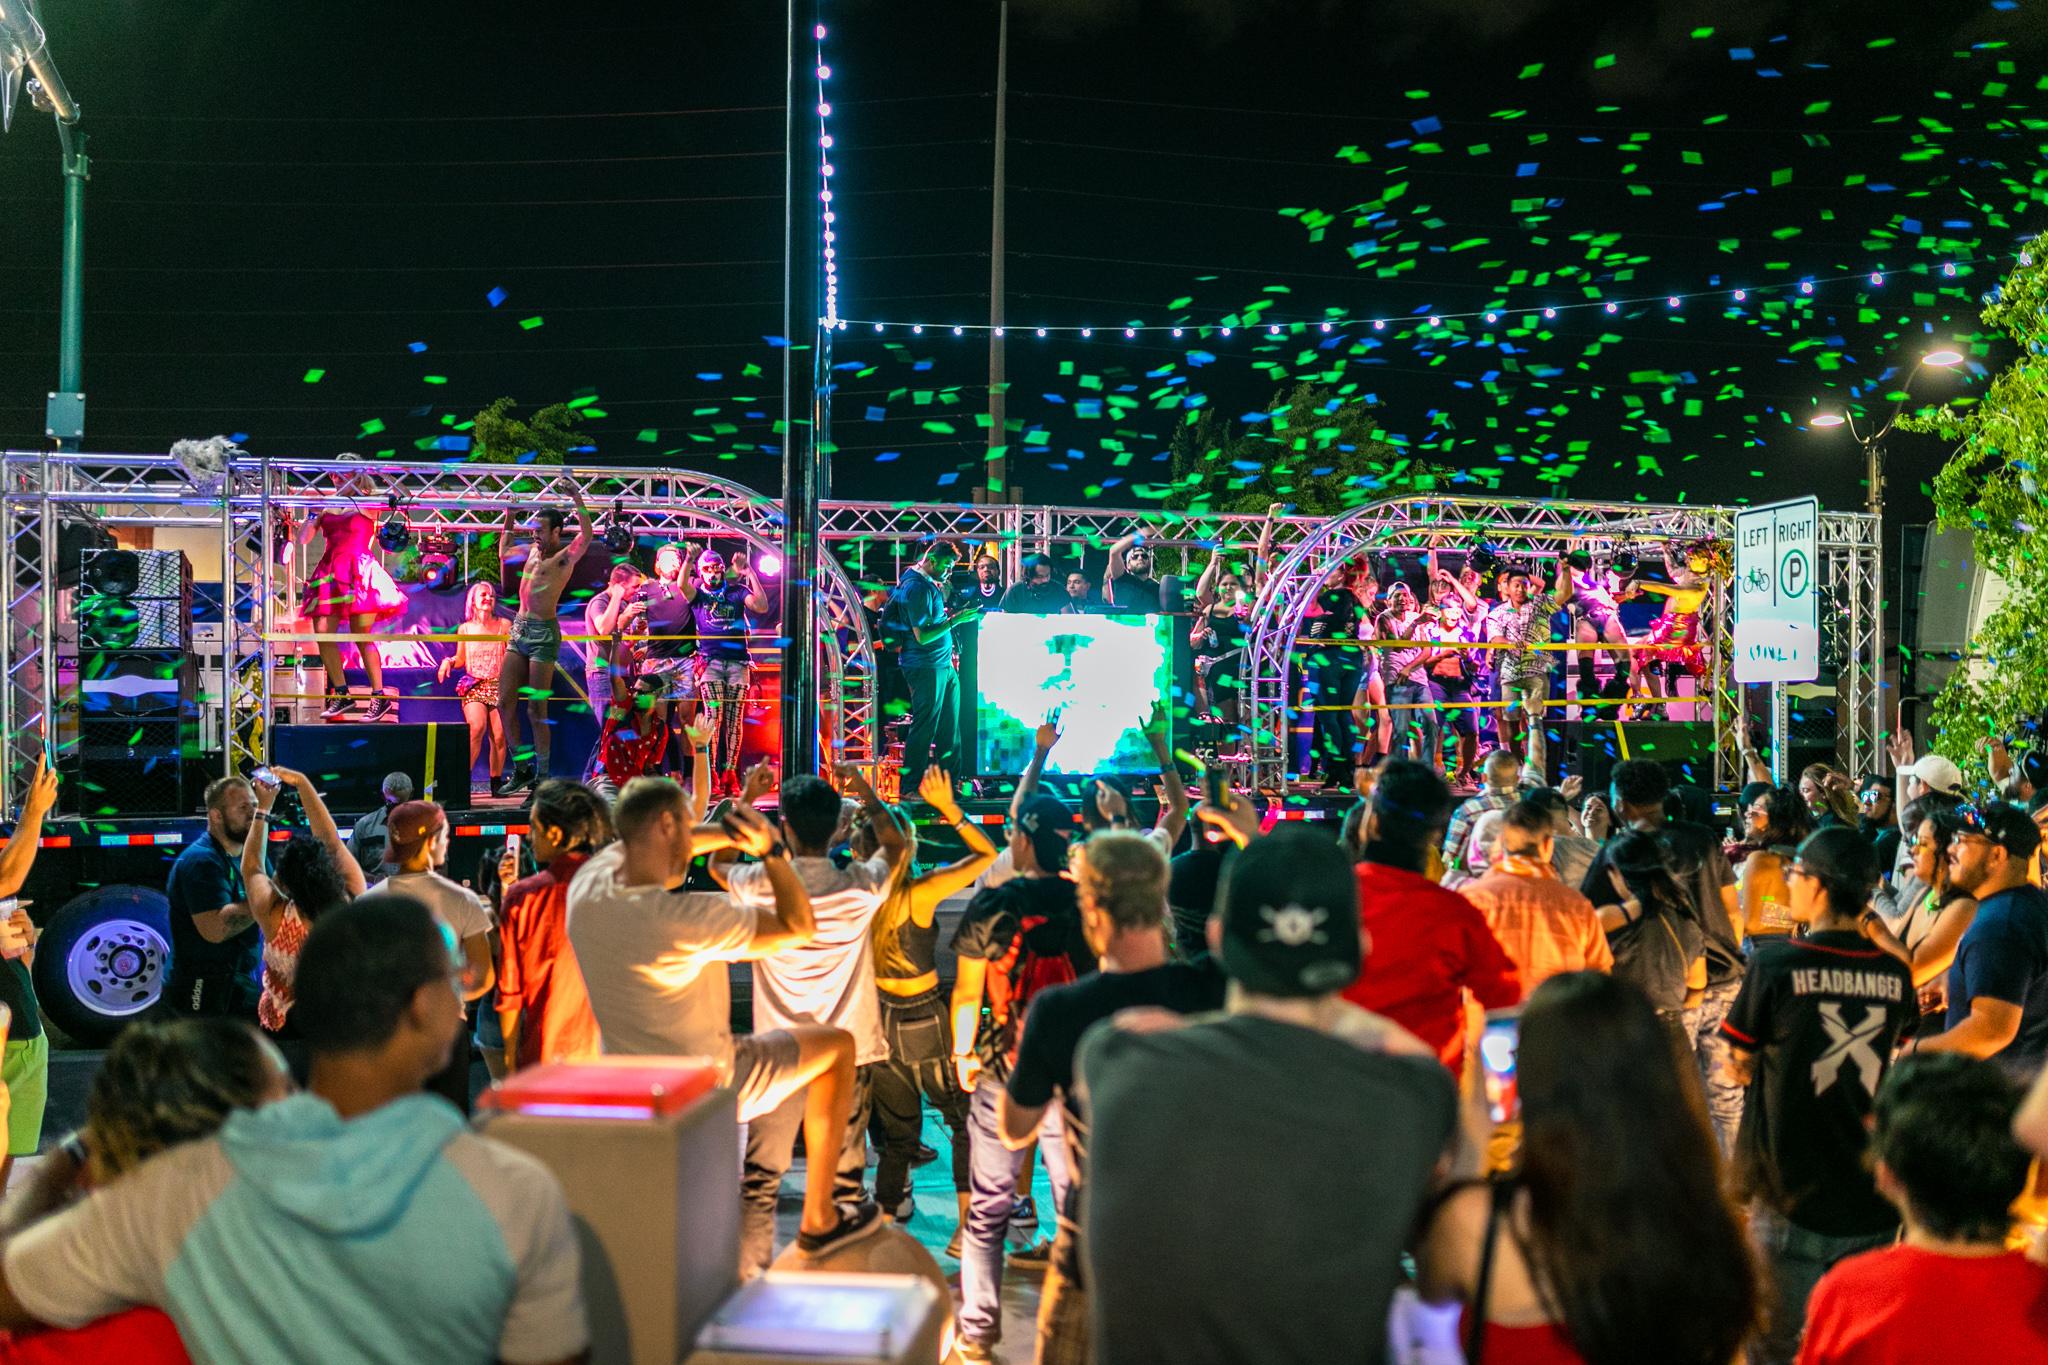 KRAJEM LJETA NA JARUN STIŽE SPEKTAKULARNI 'LMF' FESTIVAL